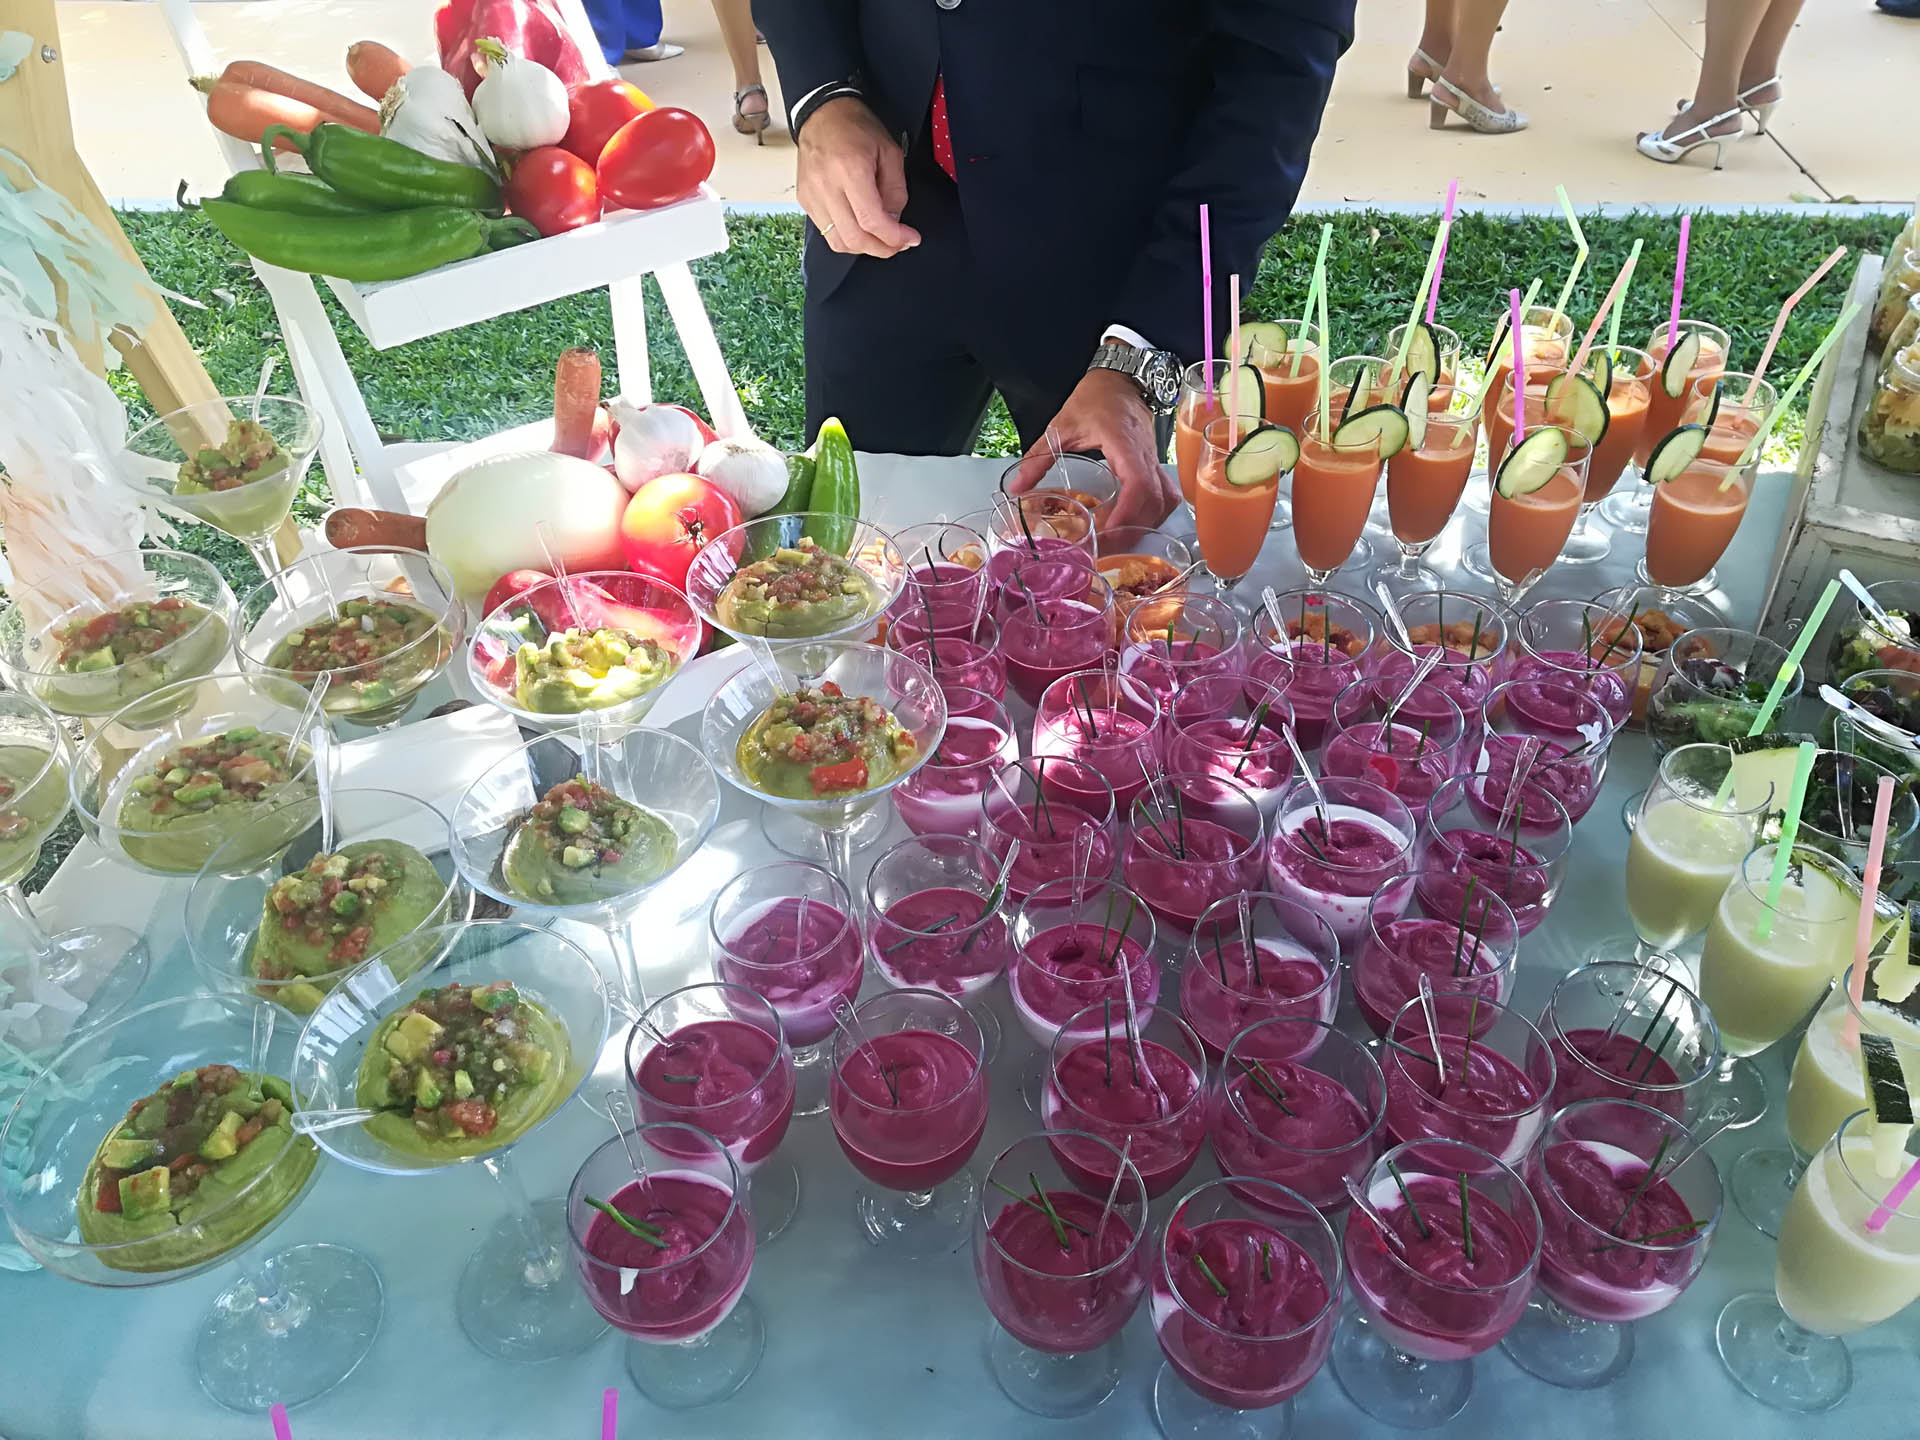 buffet de ensaladas y salmorejos